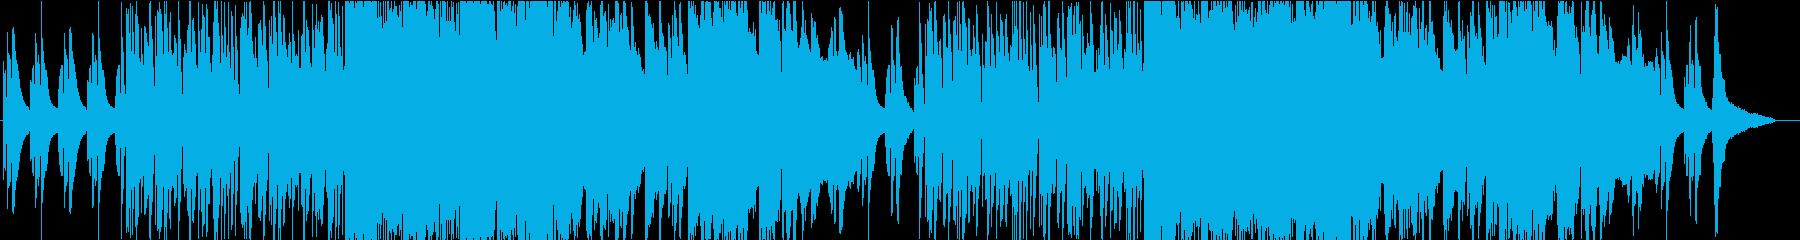 ピアノとサックスがおしゃれなBGMの再生済みの波形